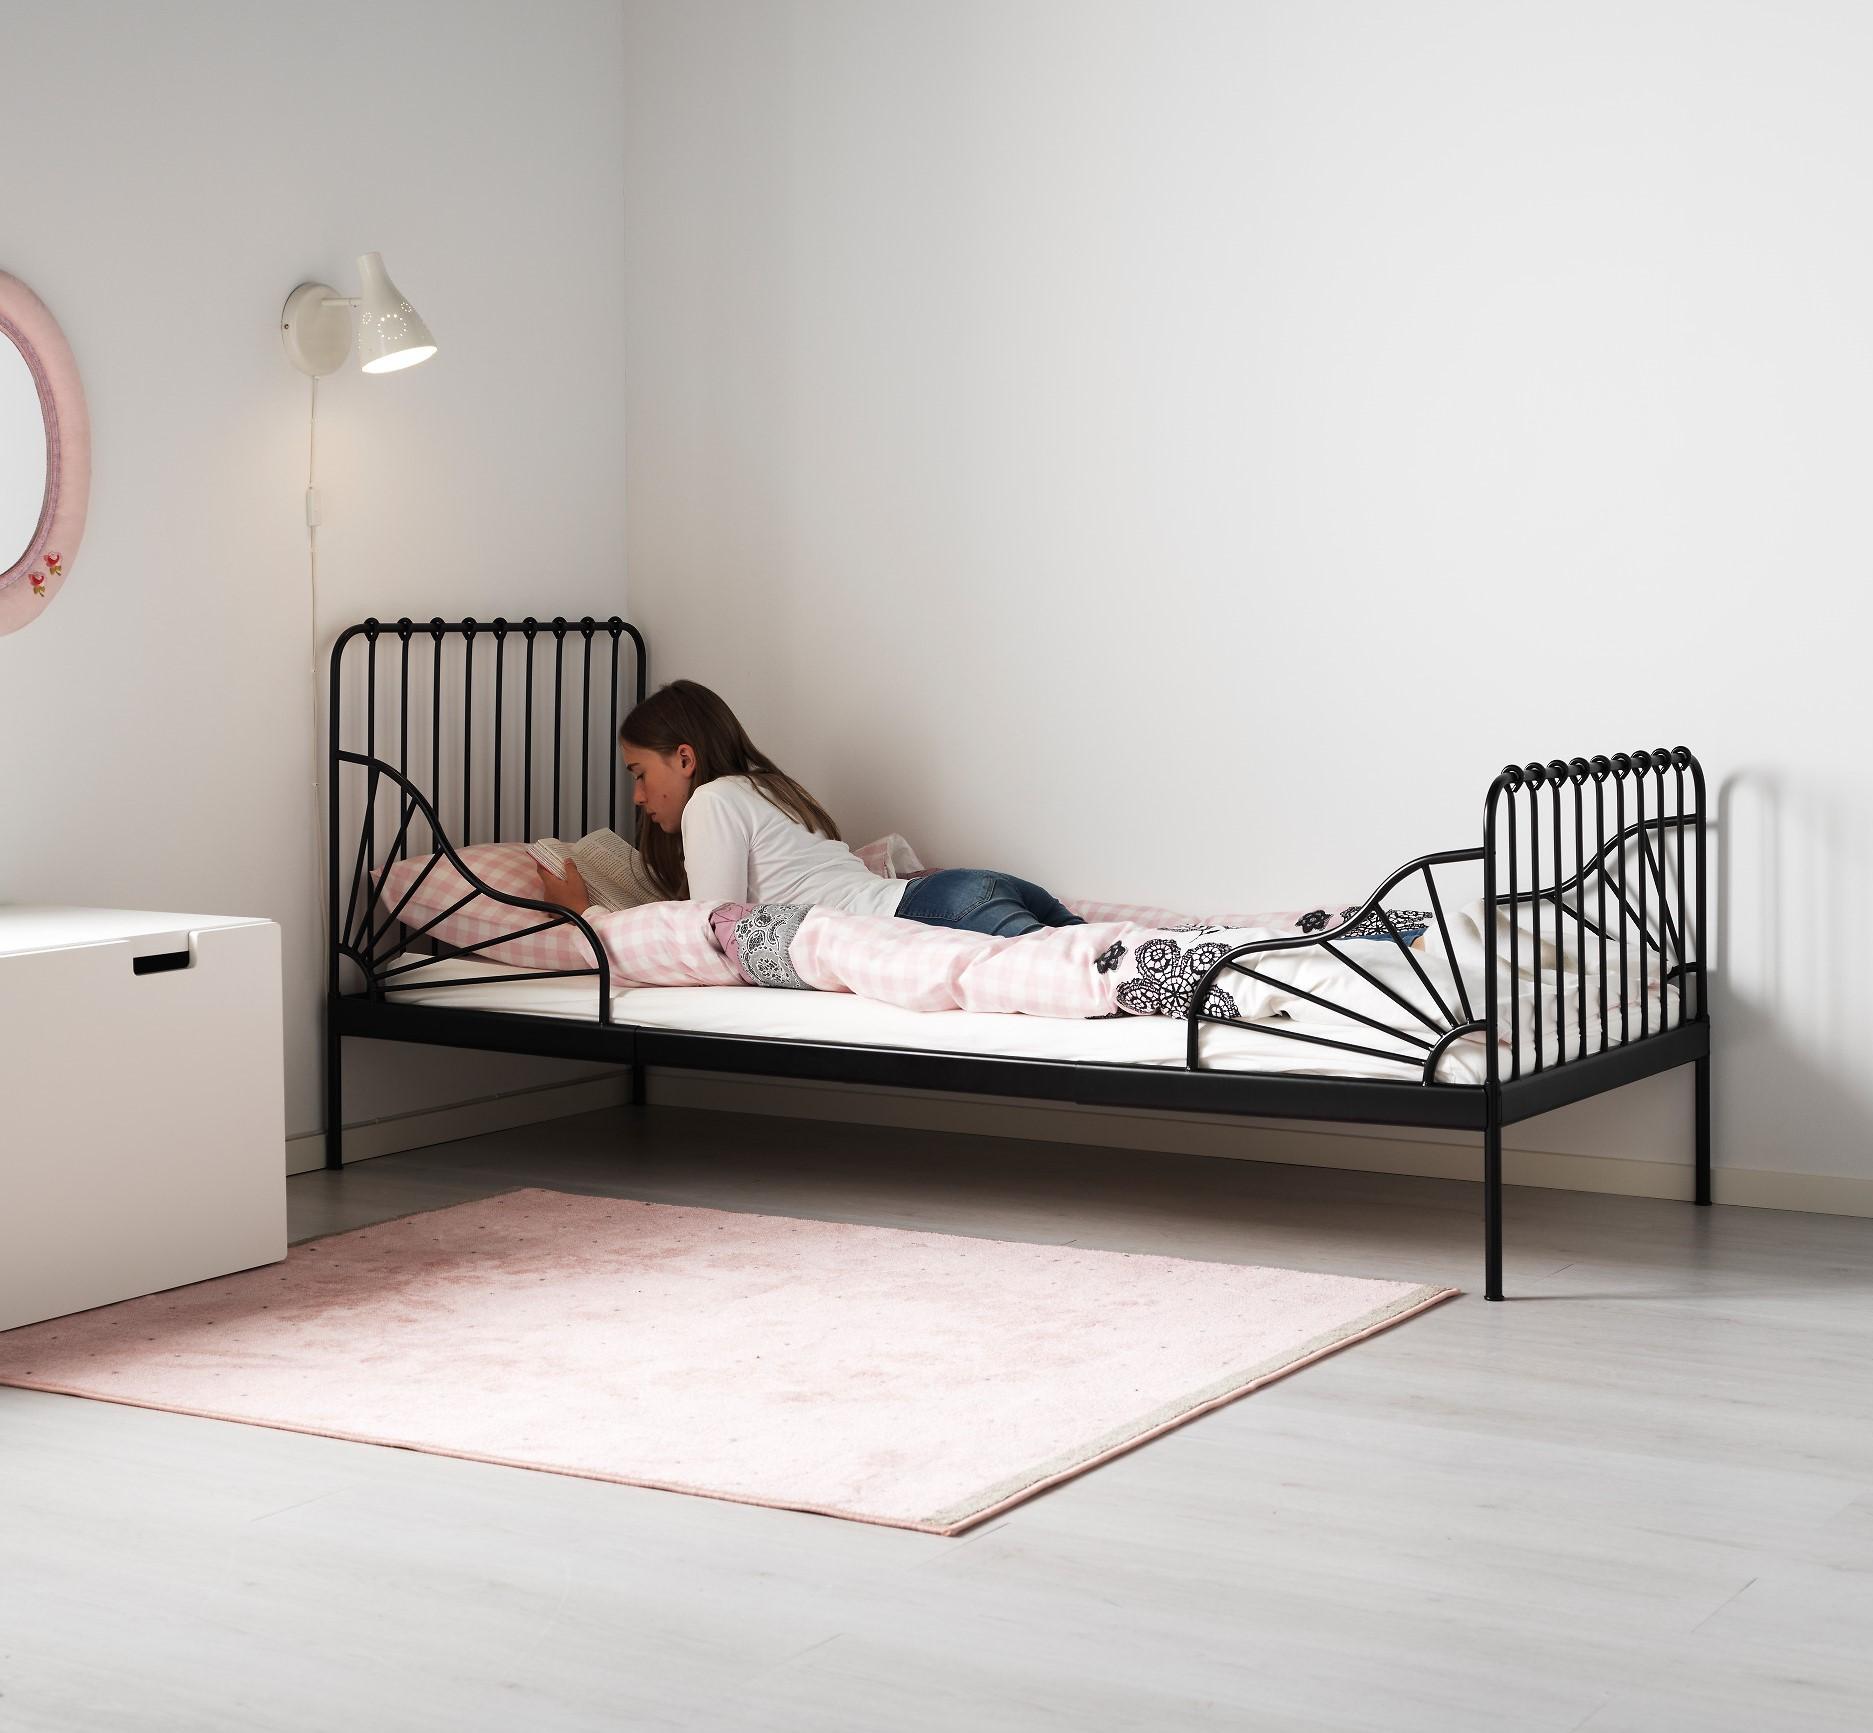 Купить дешевую односпальную кровать